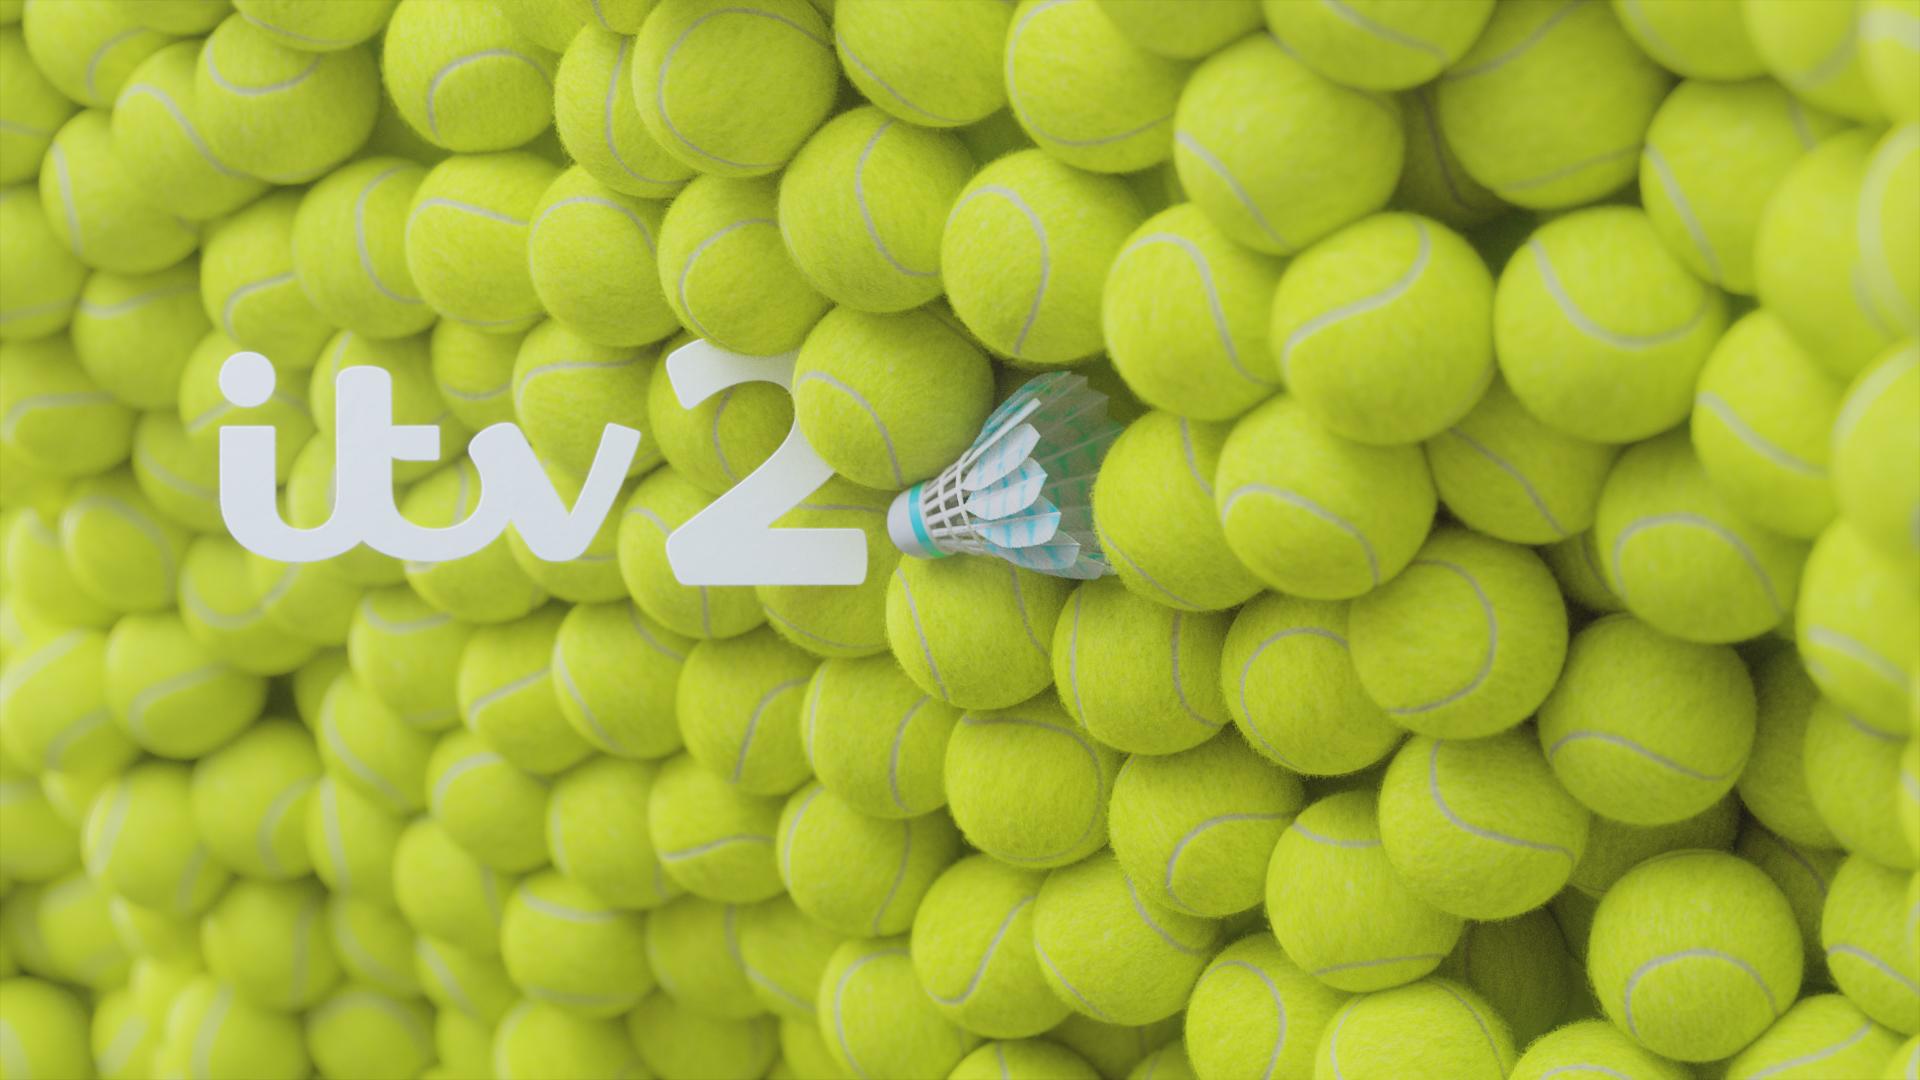 itv2_cocknballs.jpg